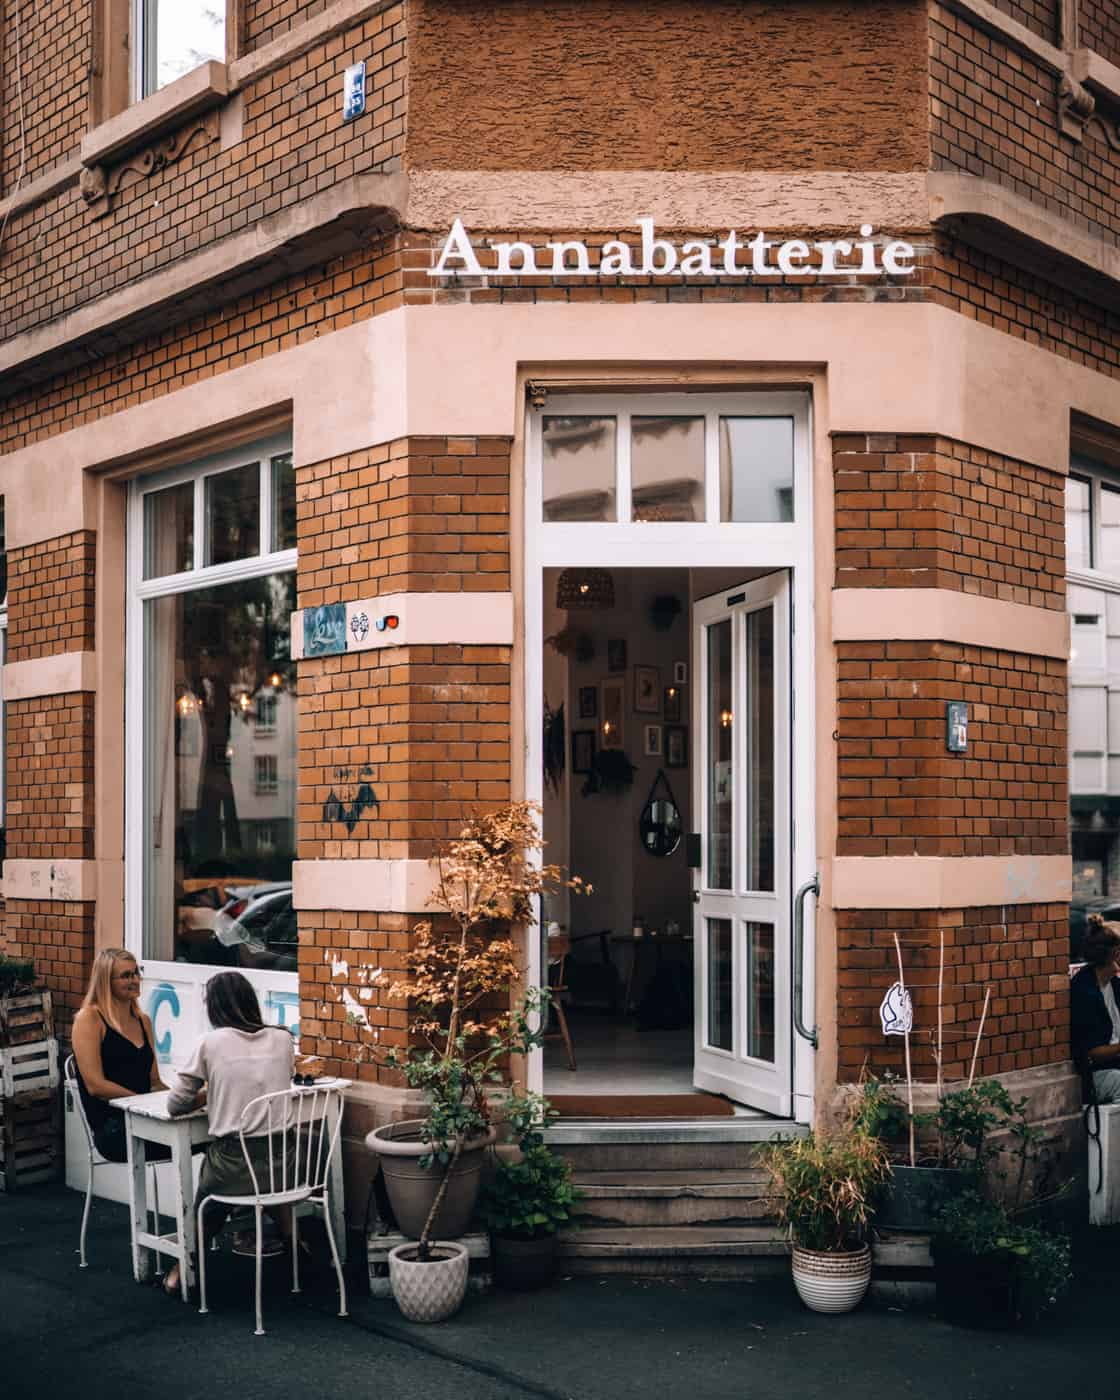 Mainz - Sehenswürdigkeiten, schönste Ecken, Essens- & Insider Tipps: Rund um den Gartenfeldplatz - Café Annabatterie